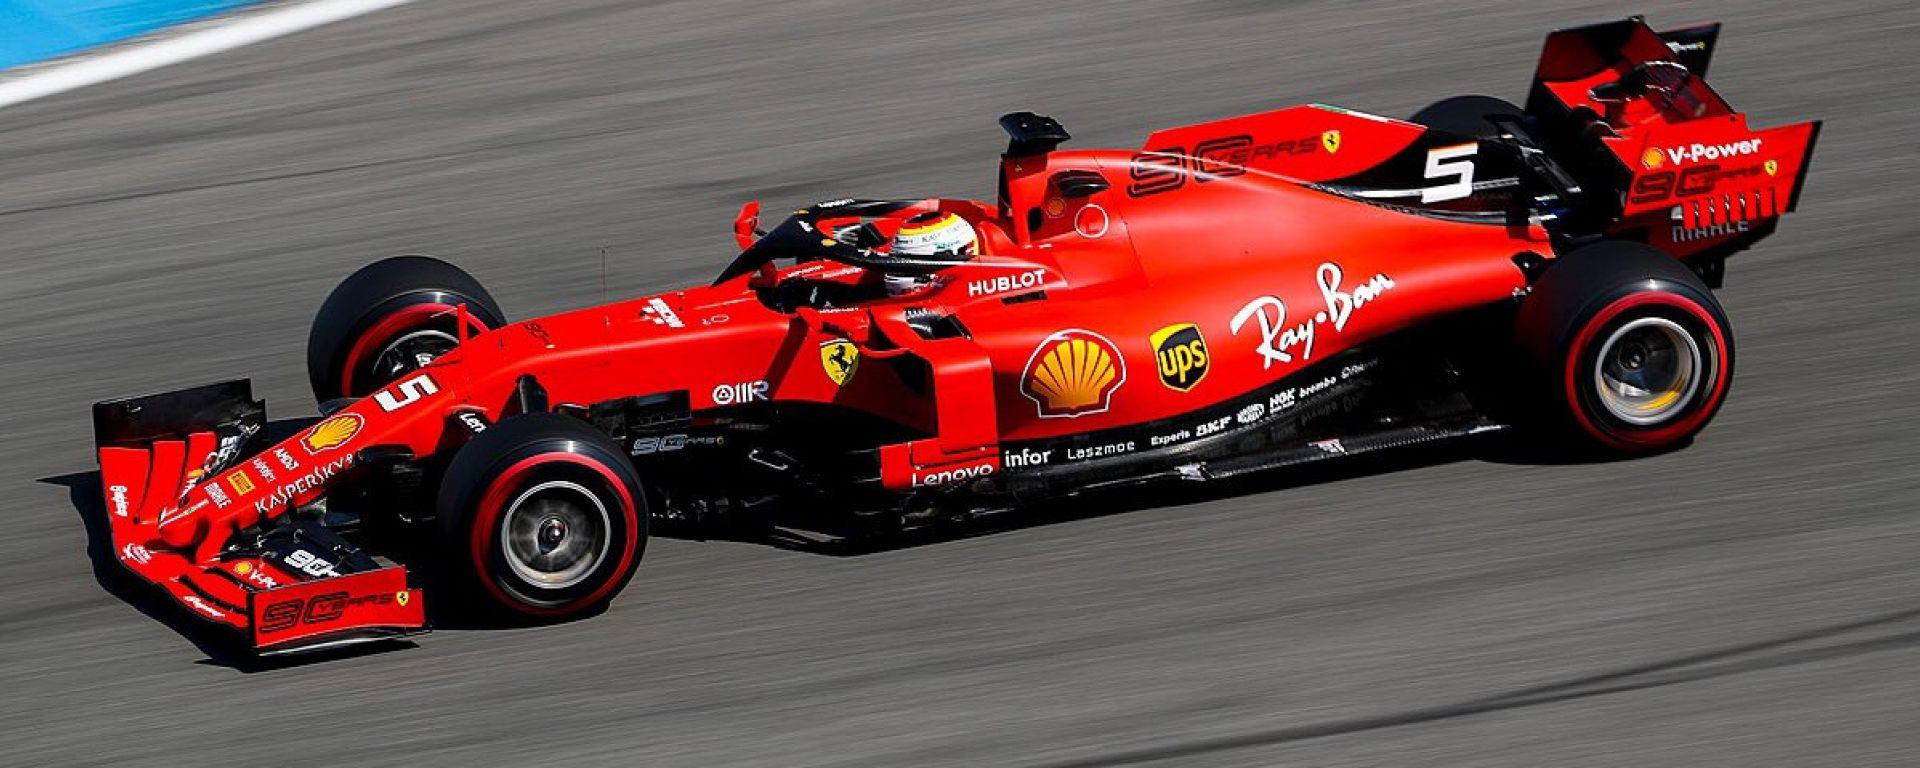 F1 GP Germania 2019, Sebastian Vettel (Ferrari) è il più veloce al termine delle prove libere 1